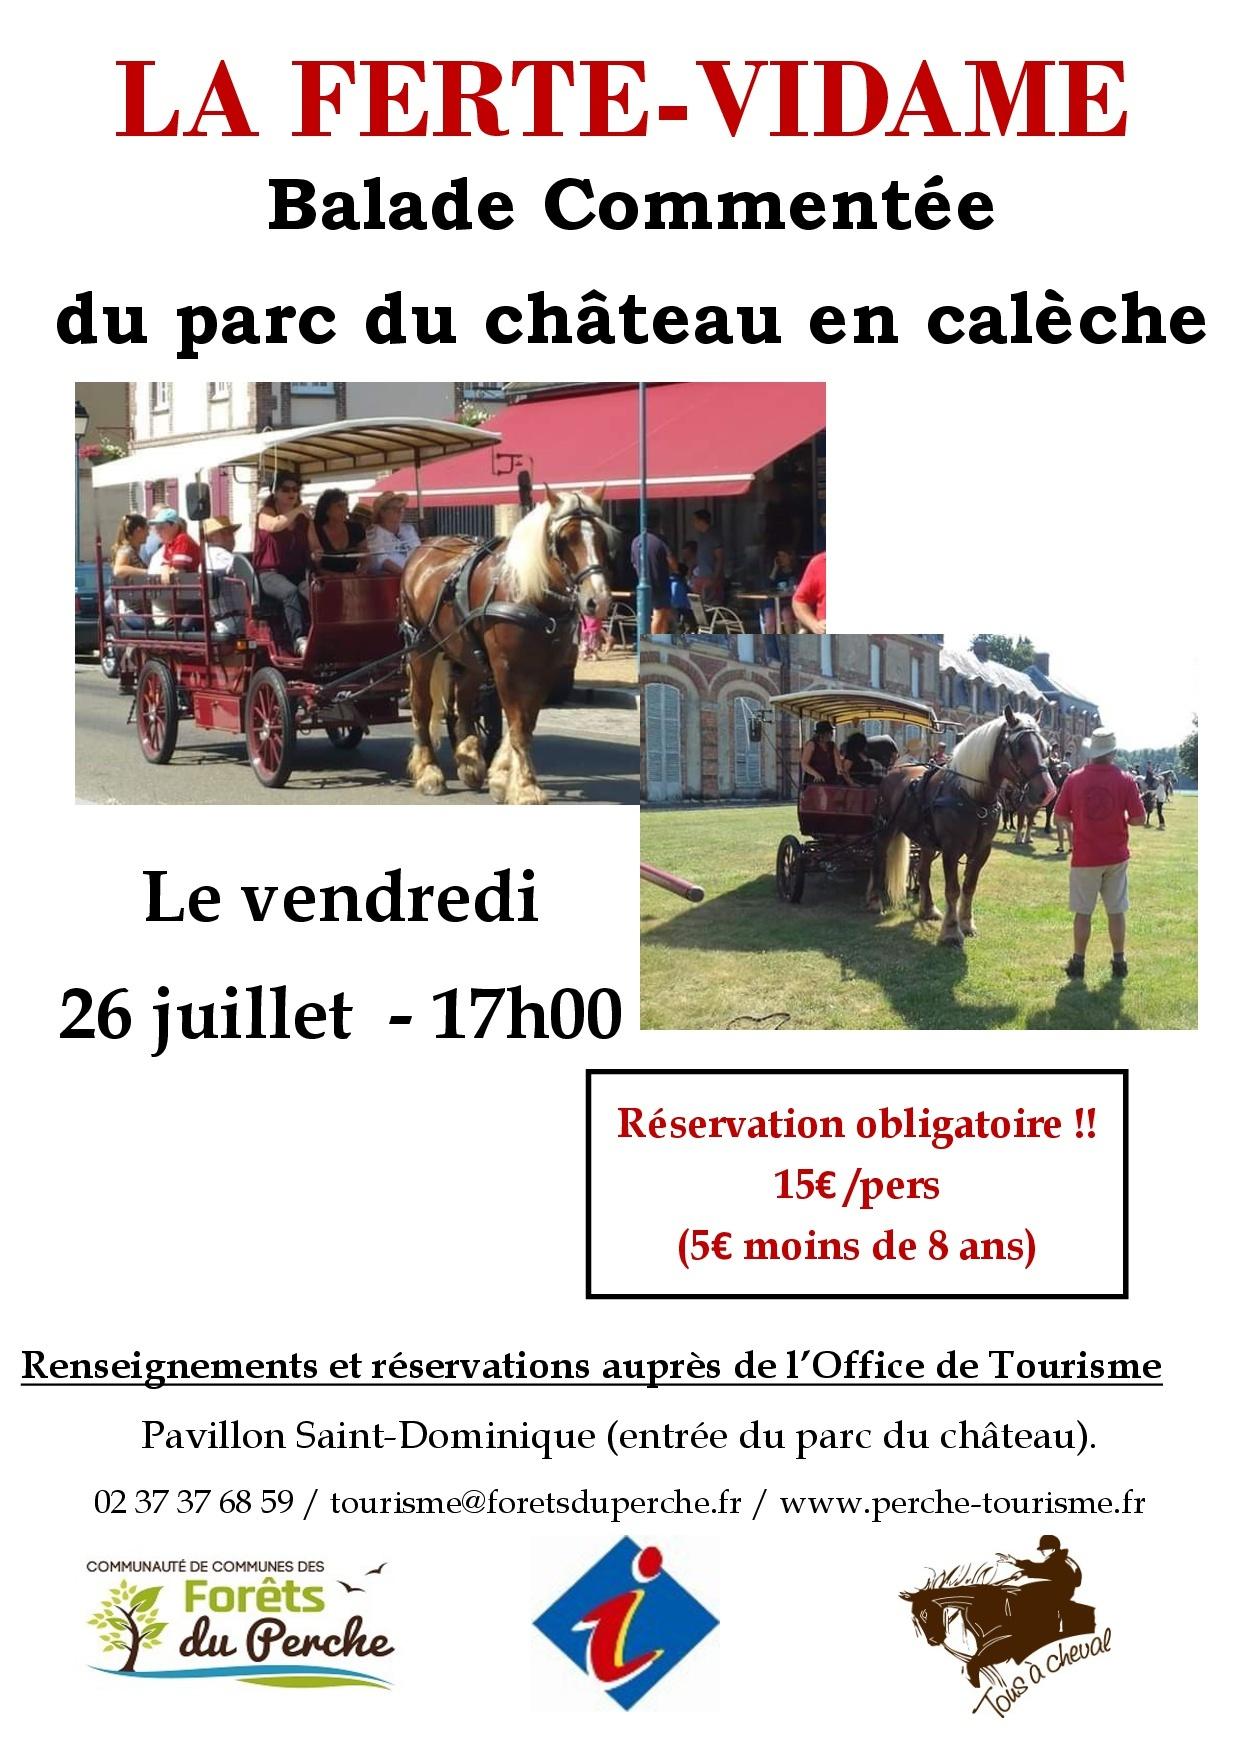 Balade commentée du parc du château en calèche de La Ferté Vidame à LA FERTE-VIDAME © maxime niobey